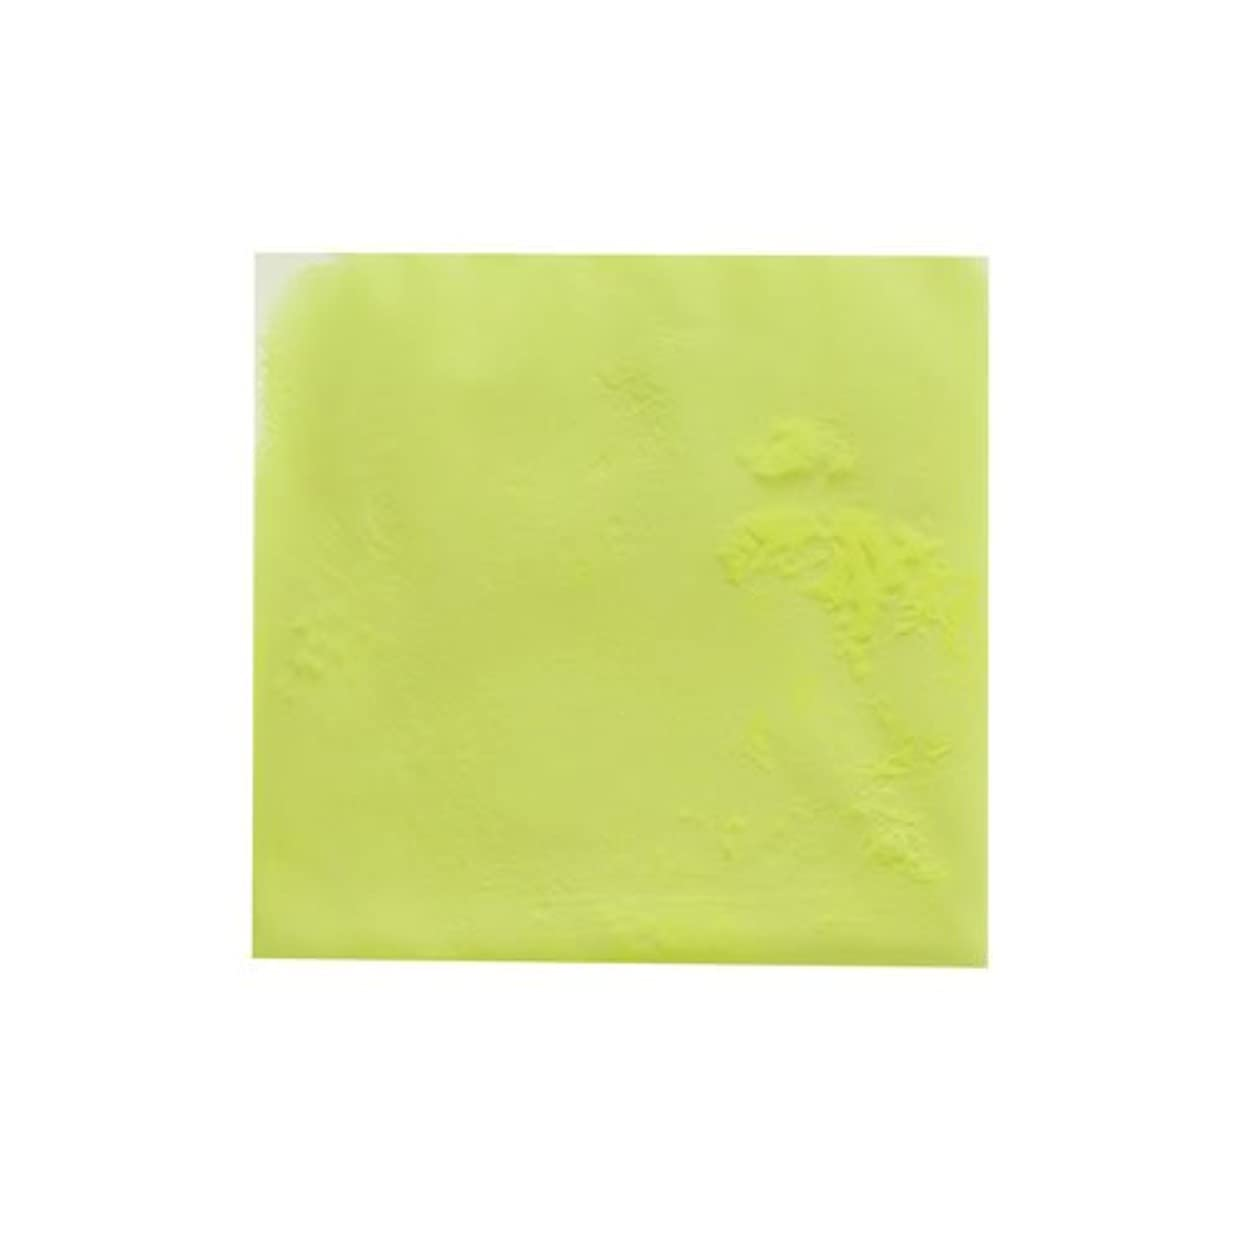 キッチン類似性水ピカエース ネイル用パウダー ピカエース 夜光顔料 蓄光性 #105 レモン 3g アート材